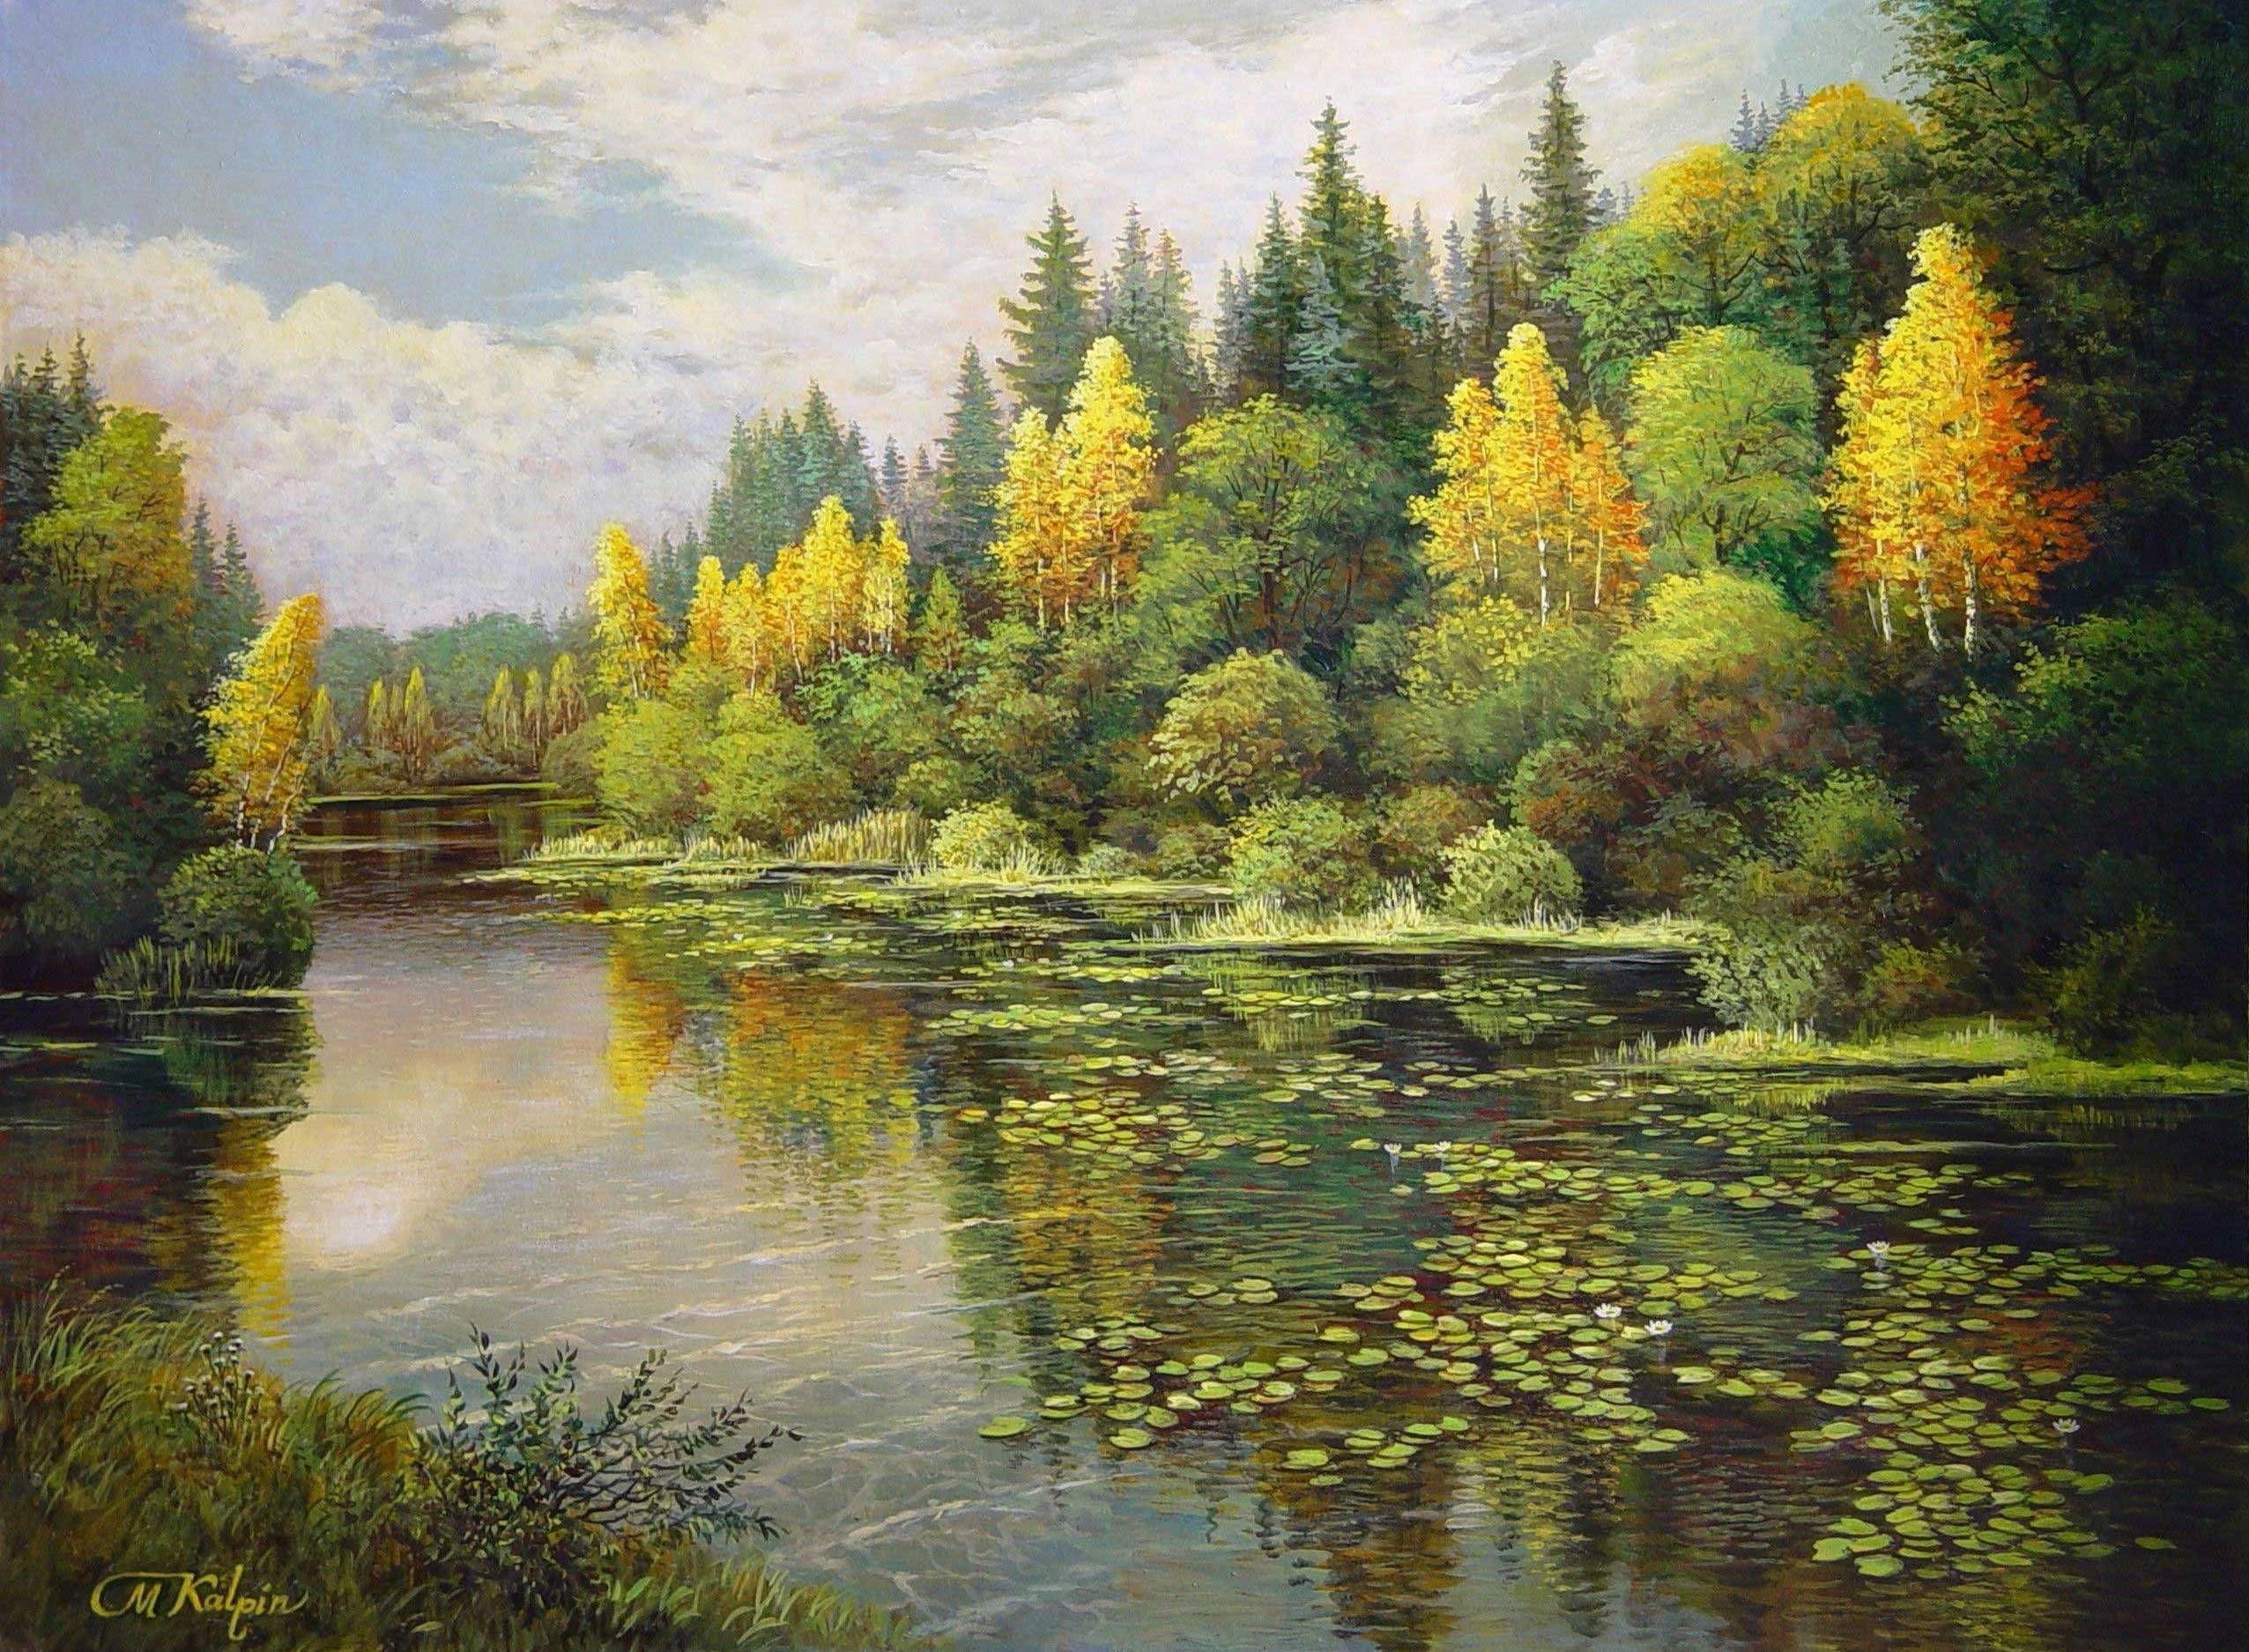 Mark Kalpin Paysage Peinture Debut D Automne Foret Mixte Le Bouleau Jaune Lac Lotus Beautiful Landscape Paintings Landscape Paintings Autumn Landscape